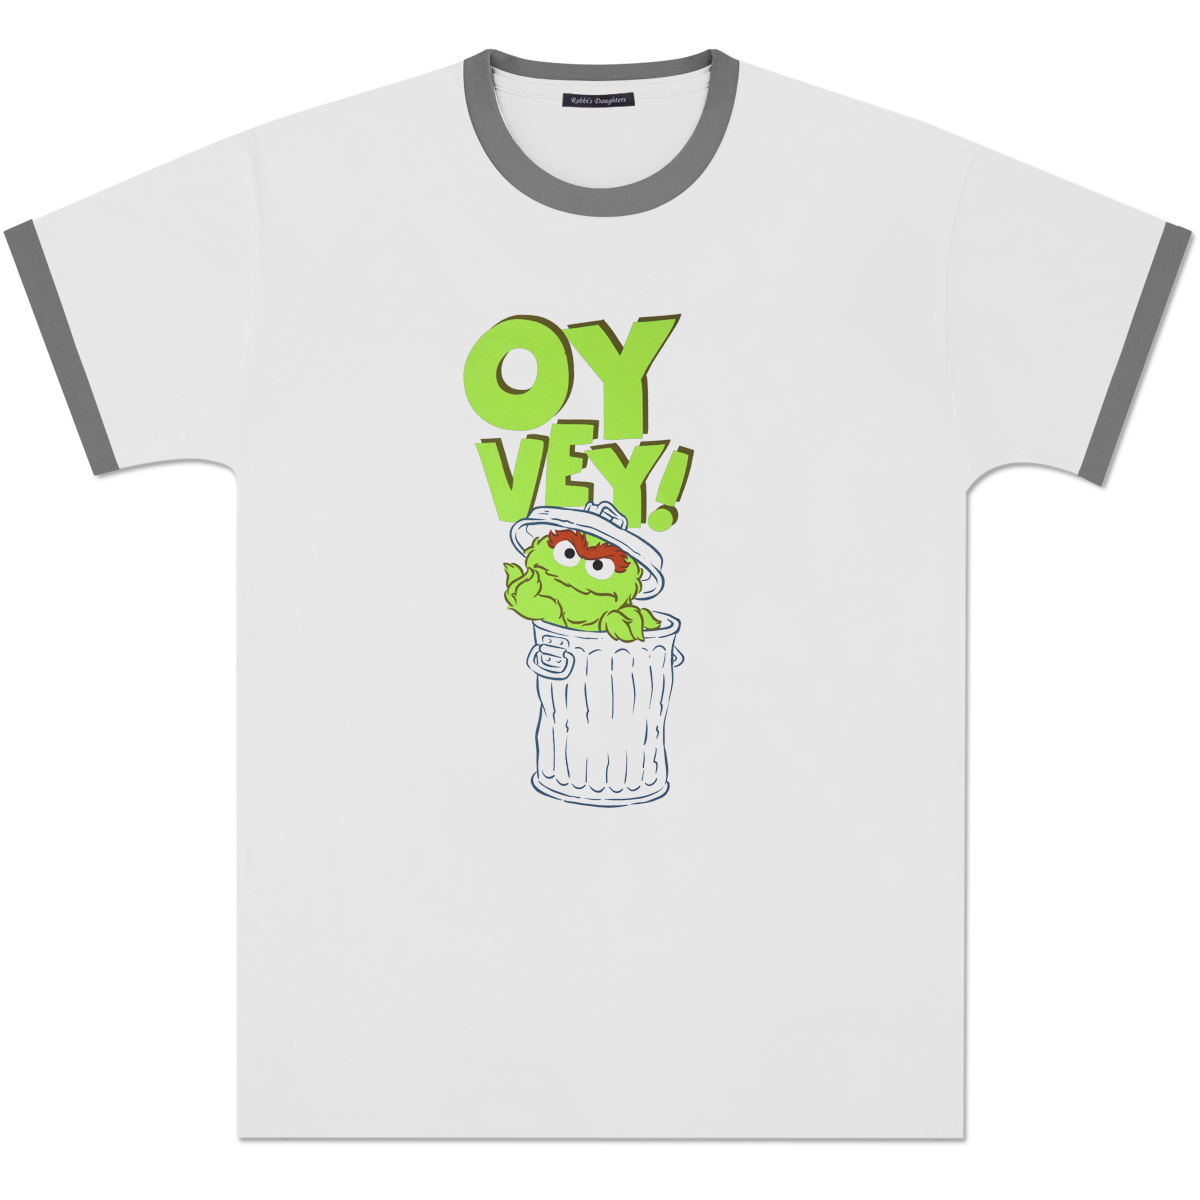 Oscar Oy Vey T-shirt